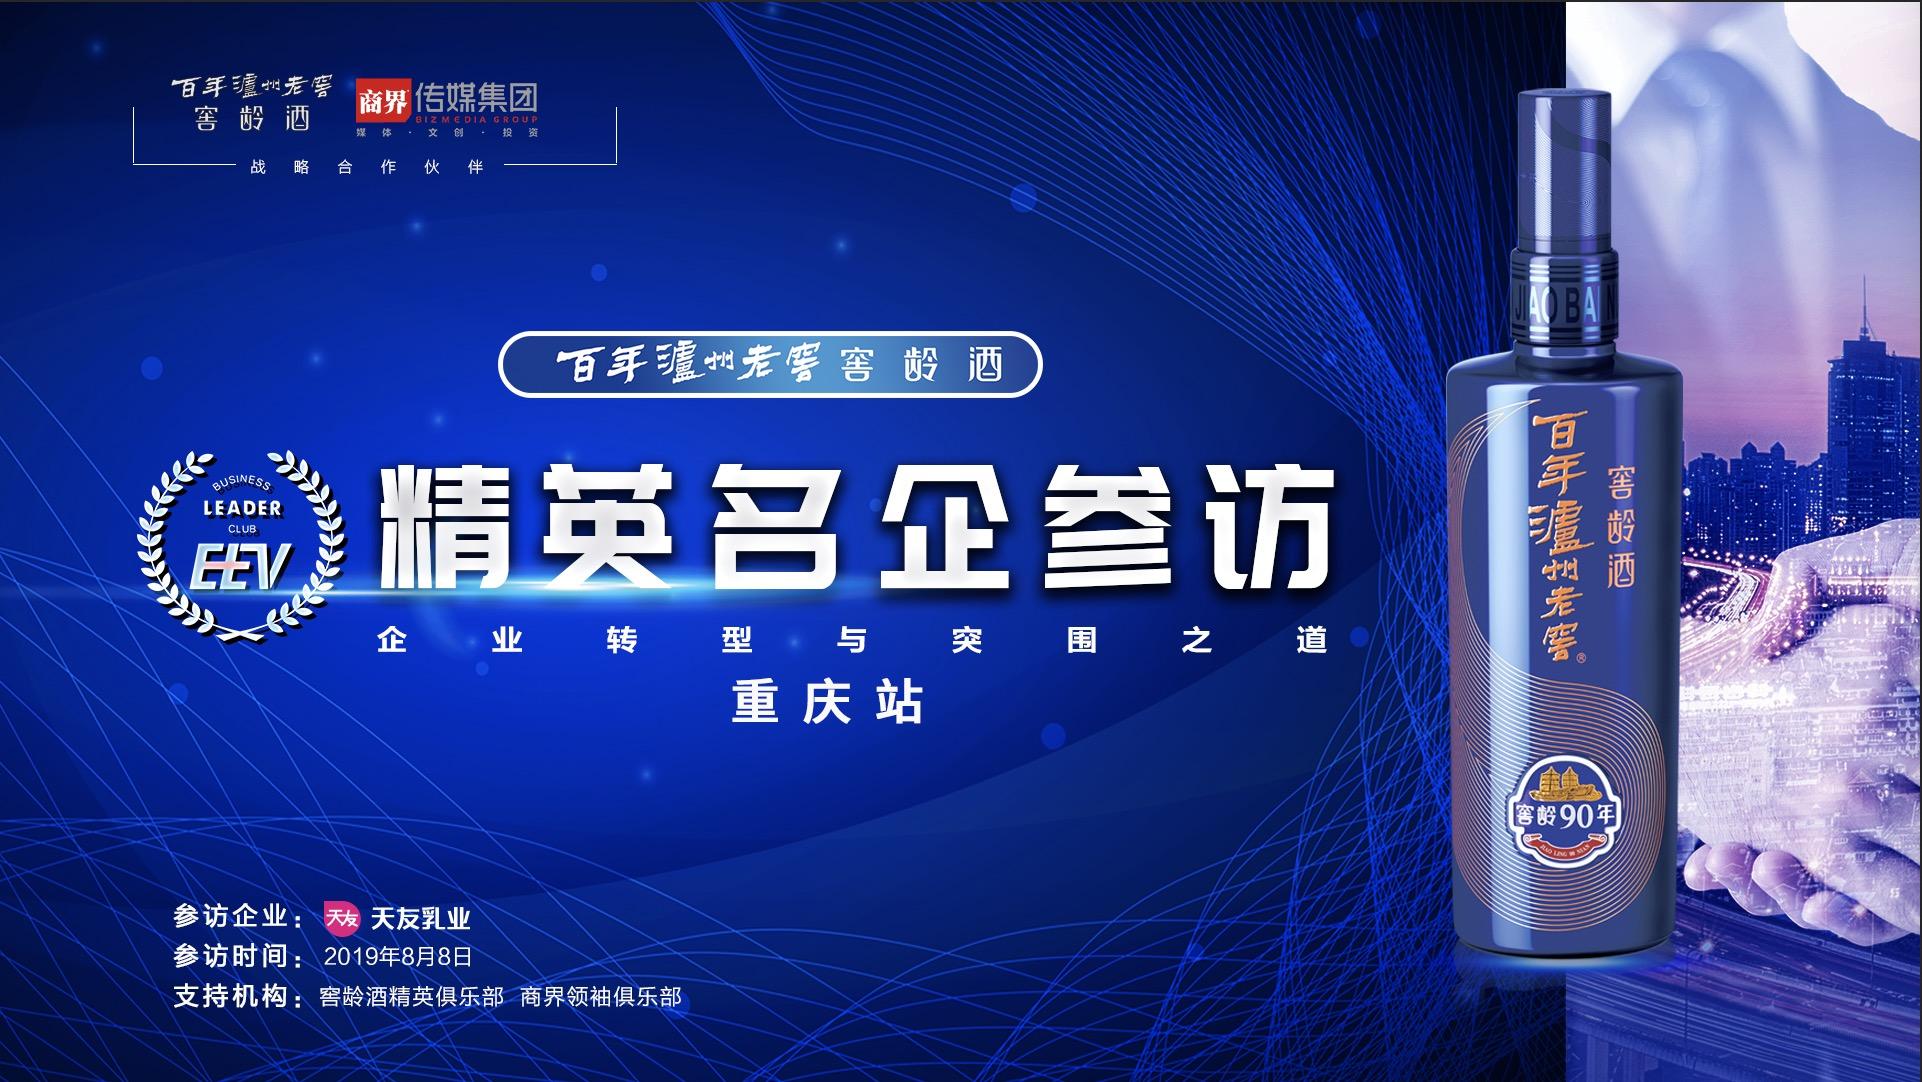 精英名企参访重庆站:天友乳业的进击时代